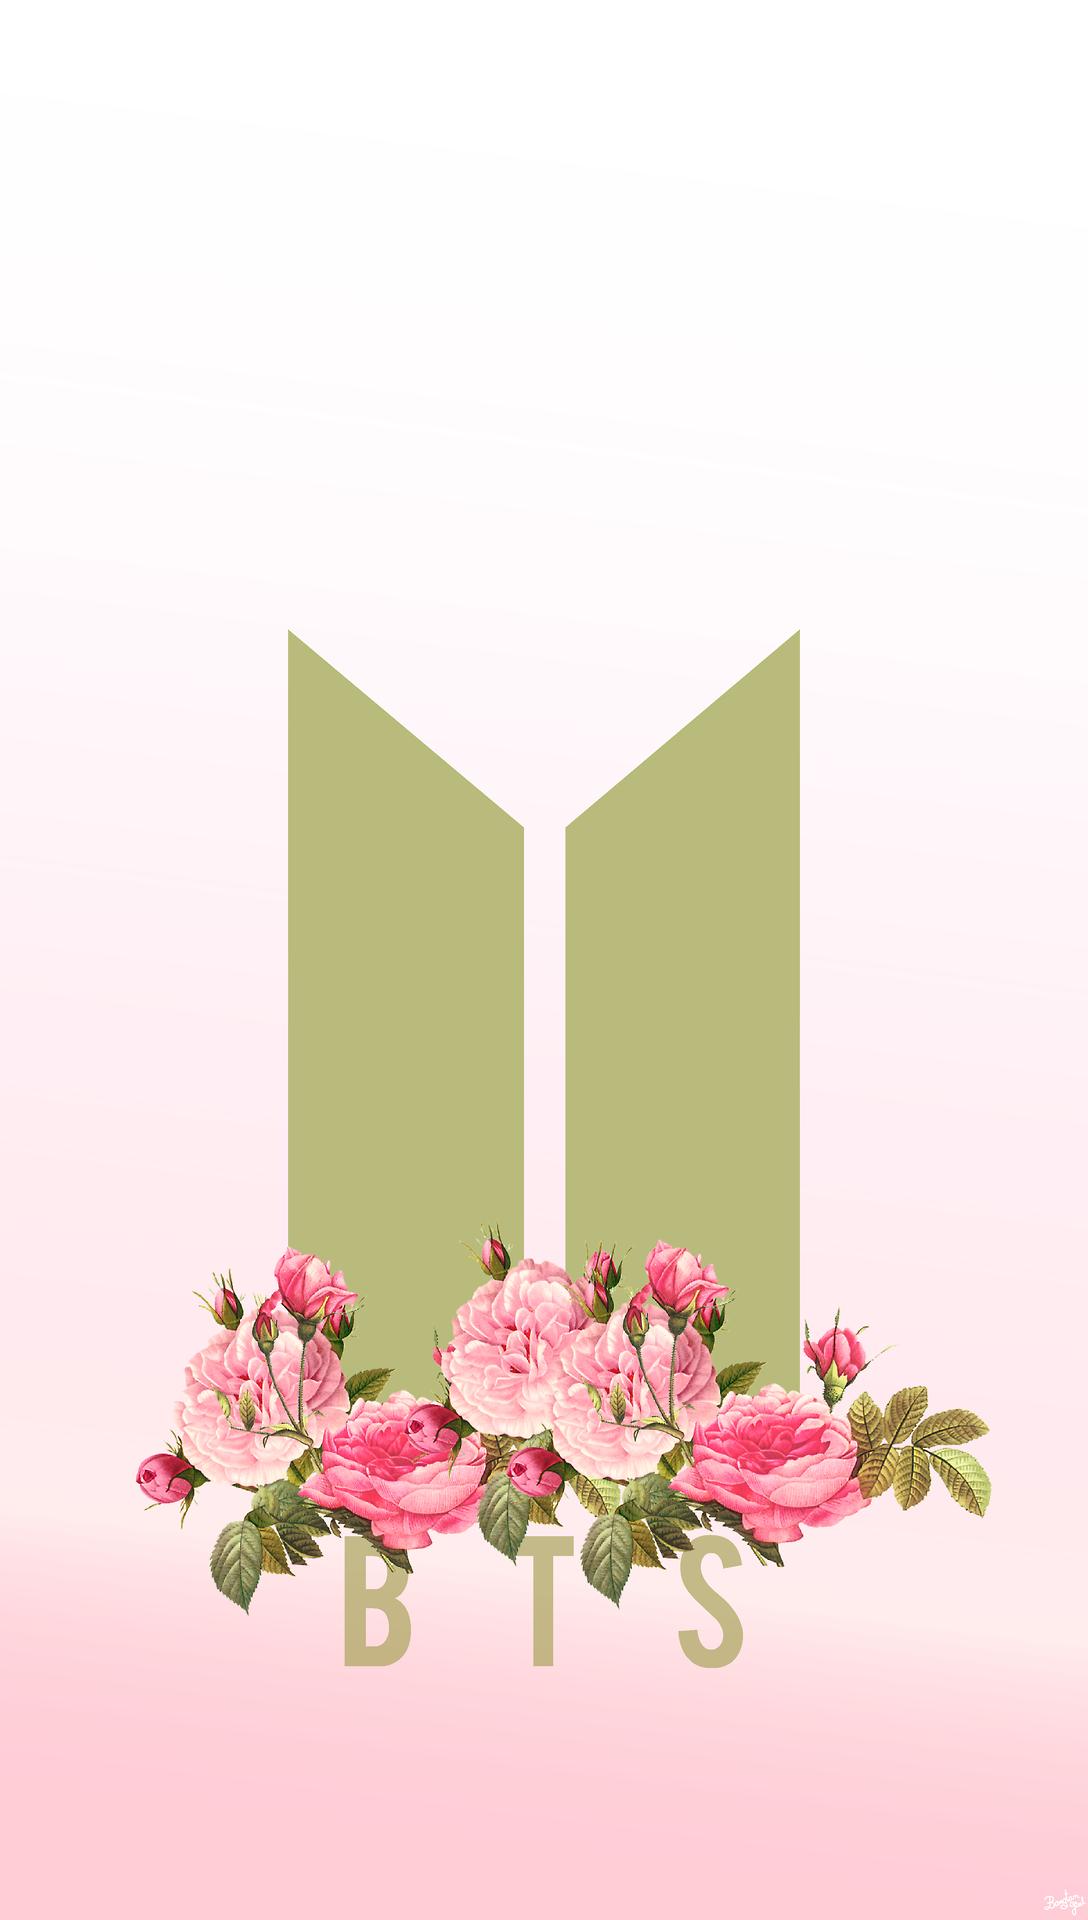 Cute Pink Wallpapers For Samsung Galaxy Y Resultado De Imagen Para Bts Logo Tumblr Bts Bts Bts